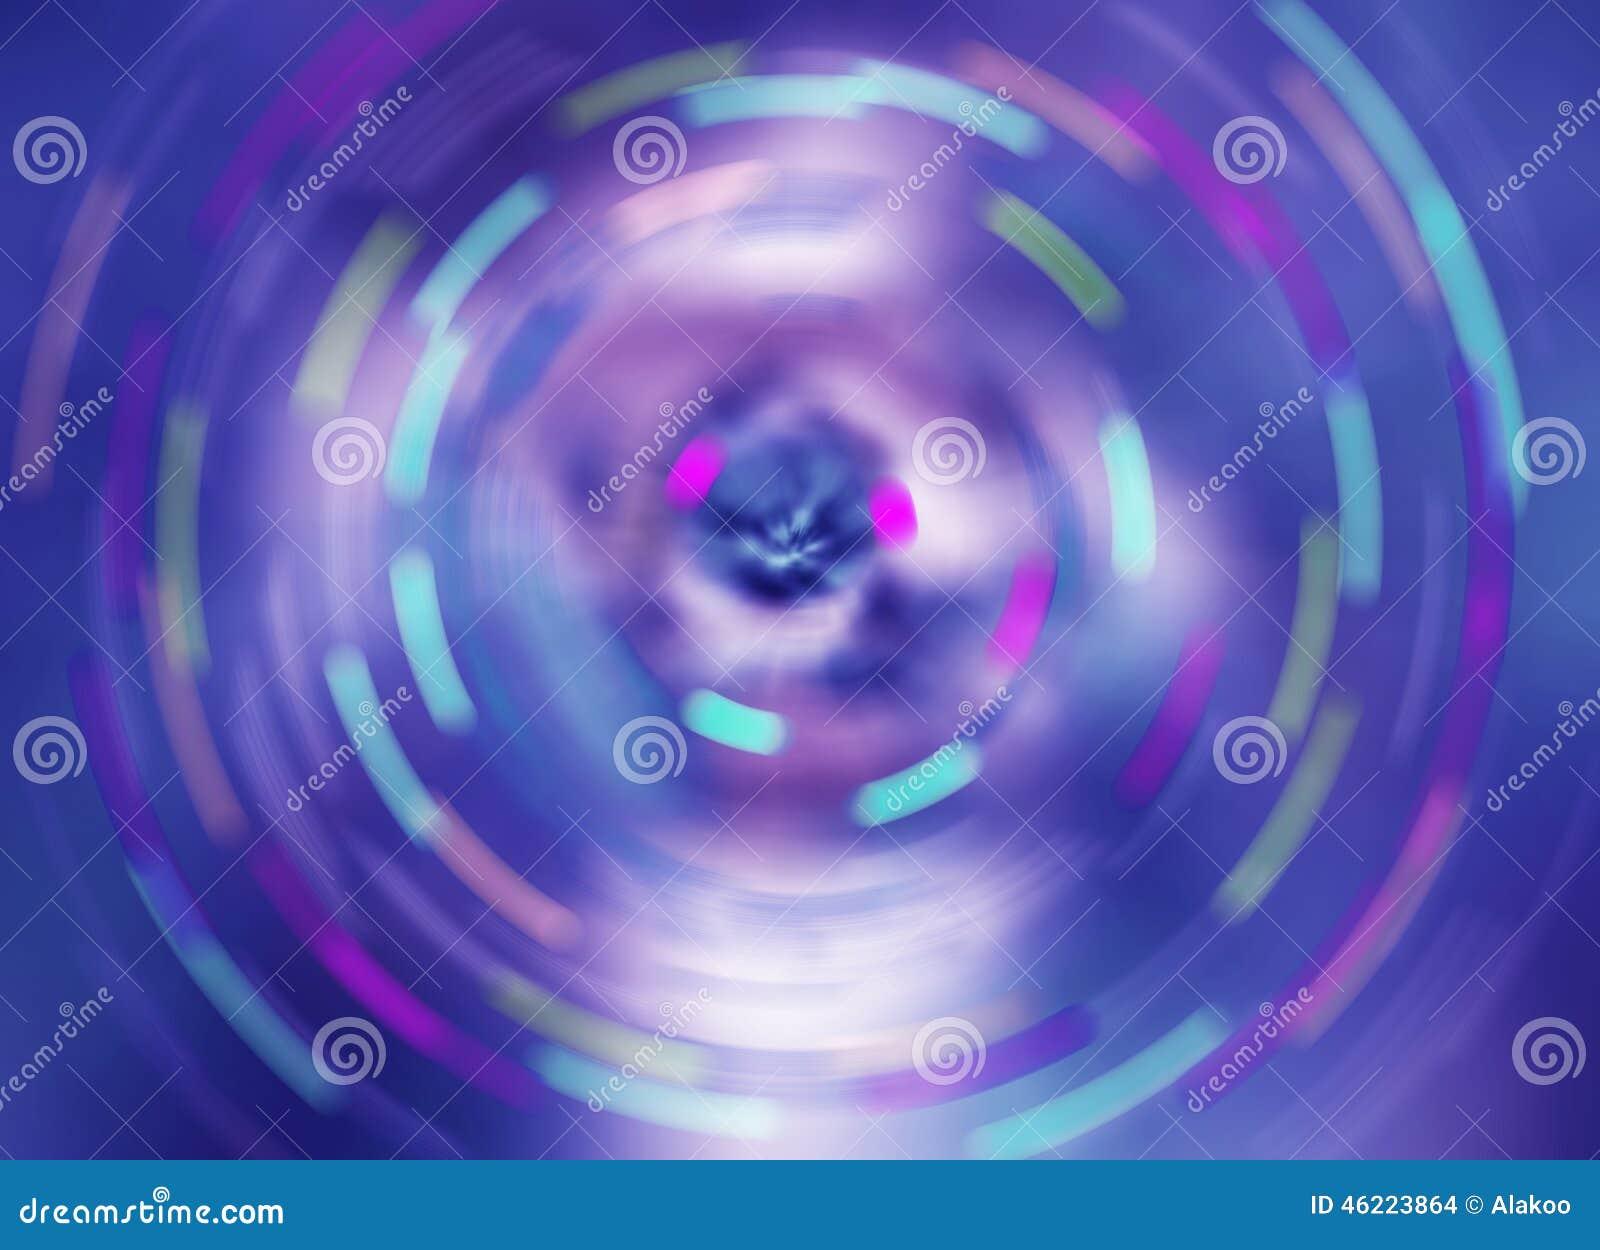 转动抽象速度行动迷离背景的蓝色颜色,转动旋转被弄脏的样式